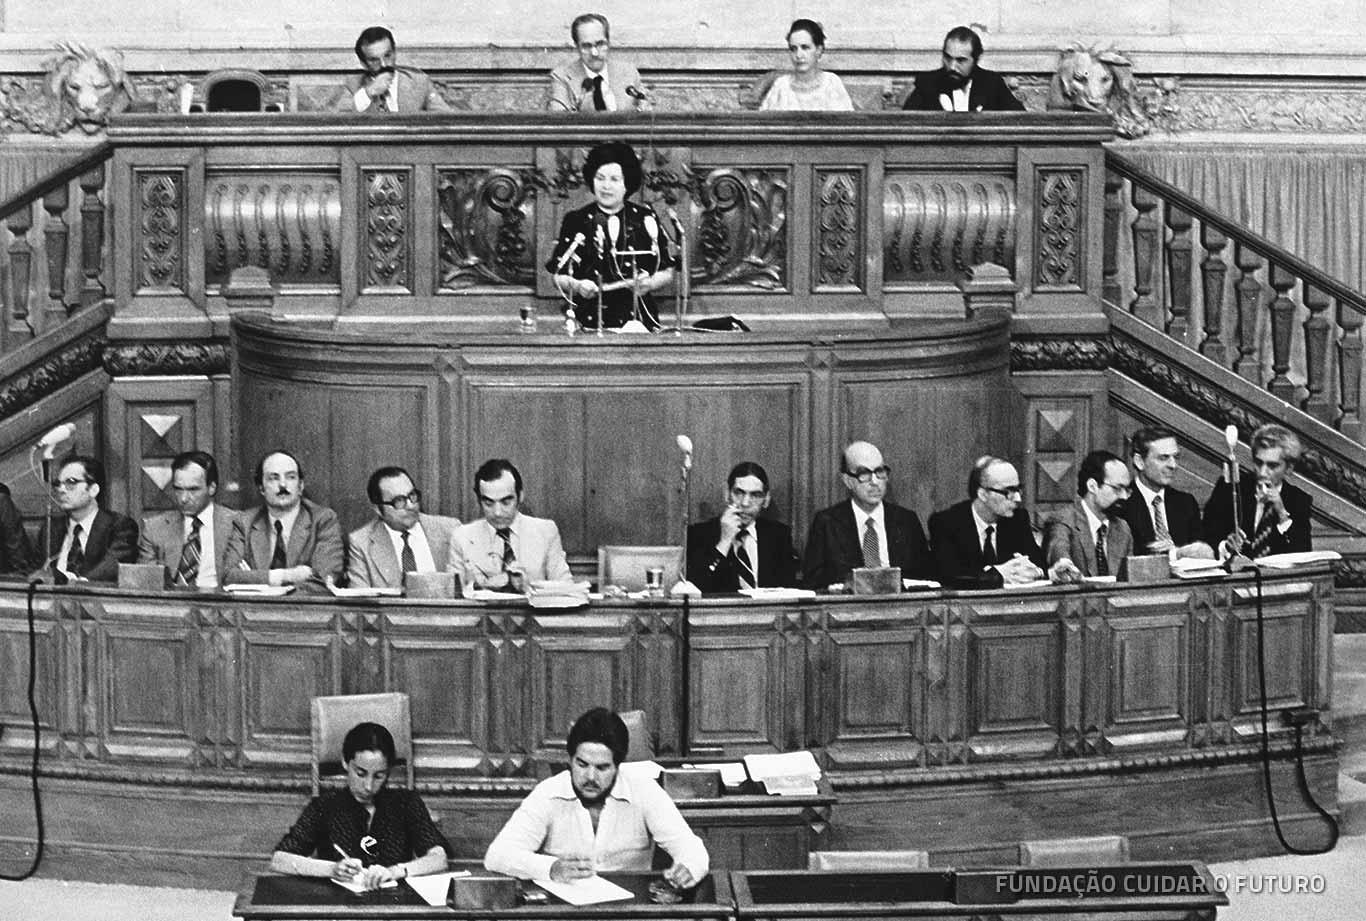 Maria de Lourdes Pintasilgo, Assembleia da República